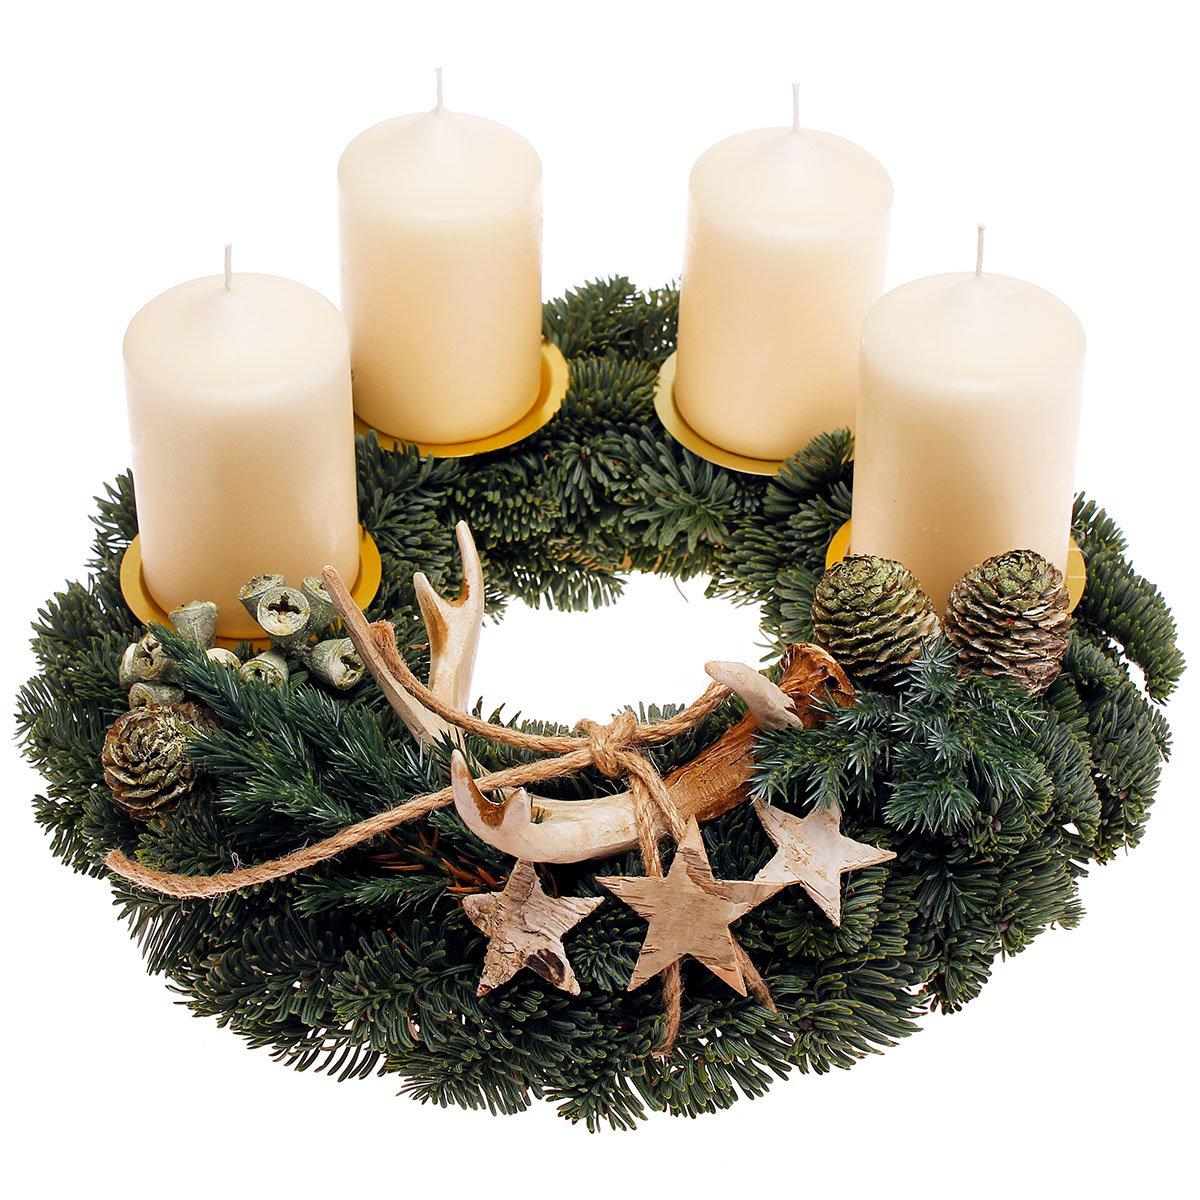 Adventskranz mit weißen Kerzen, dekoriert